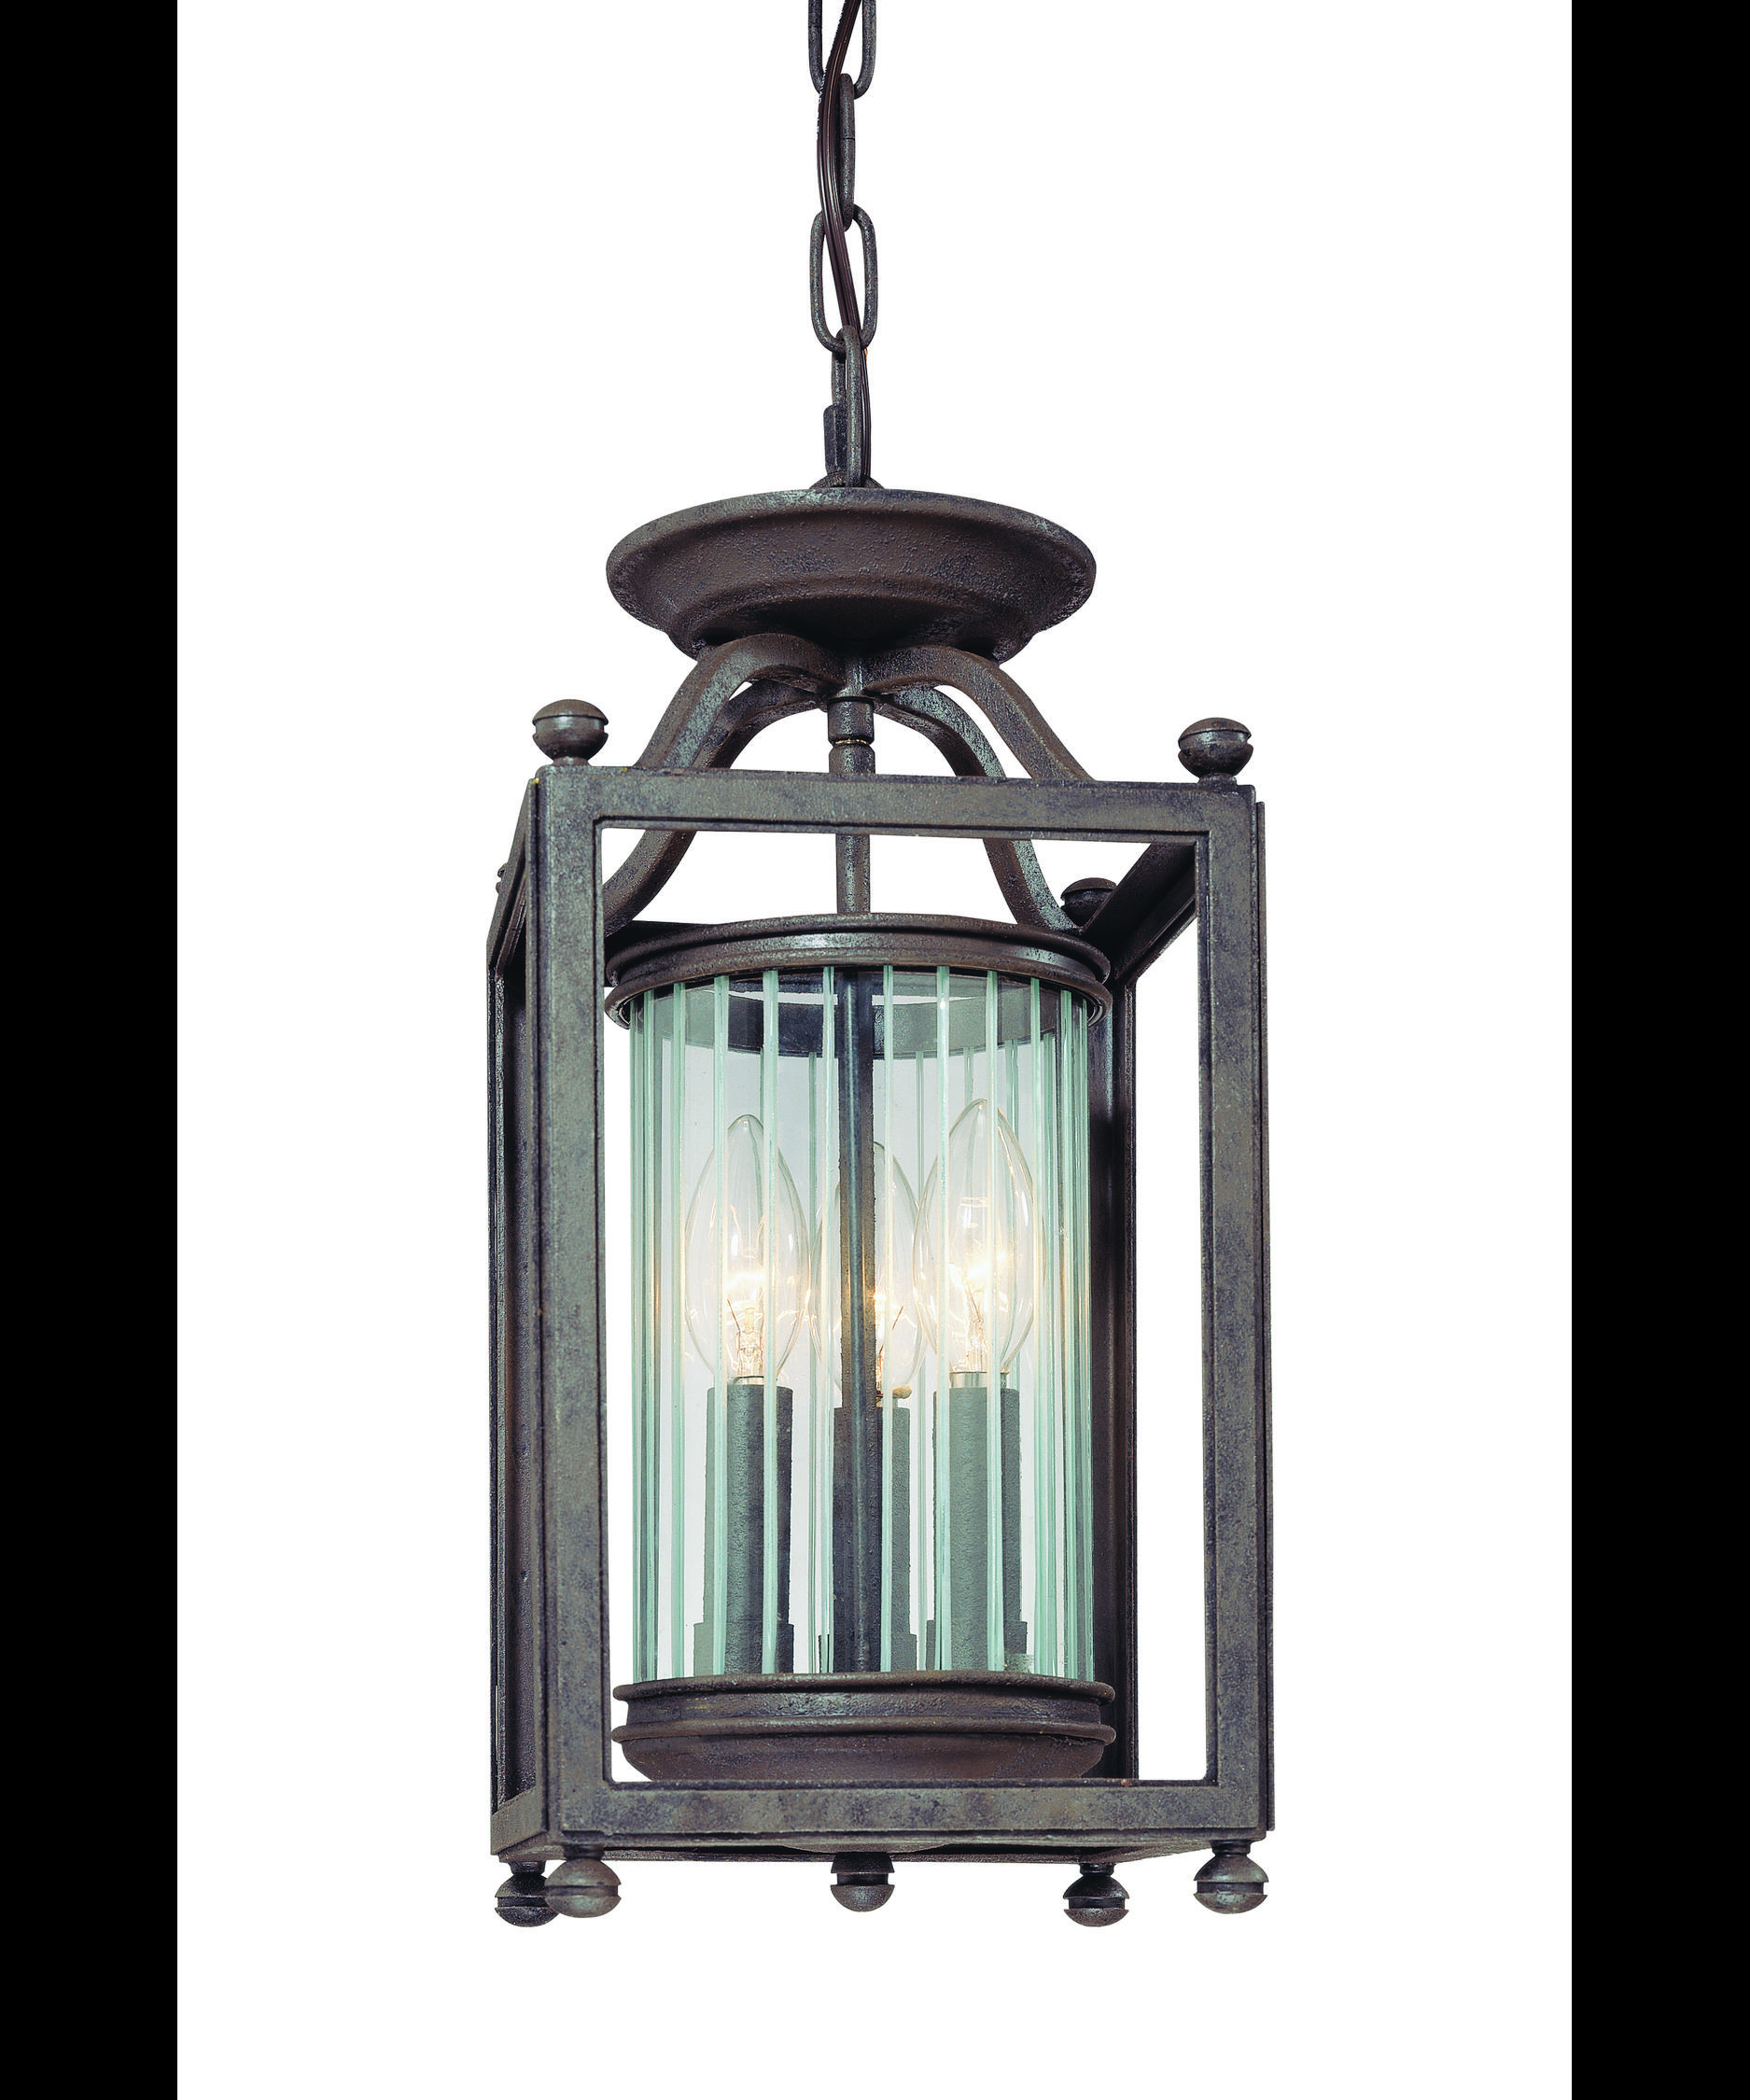 Foyer Lighting Under : Troy lighting f harrison inch foyer pendant